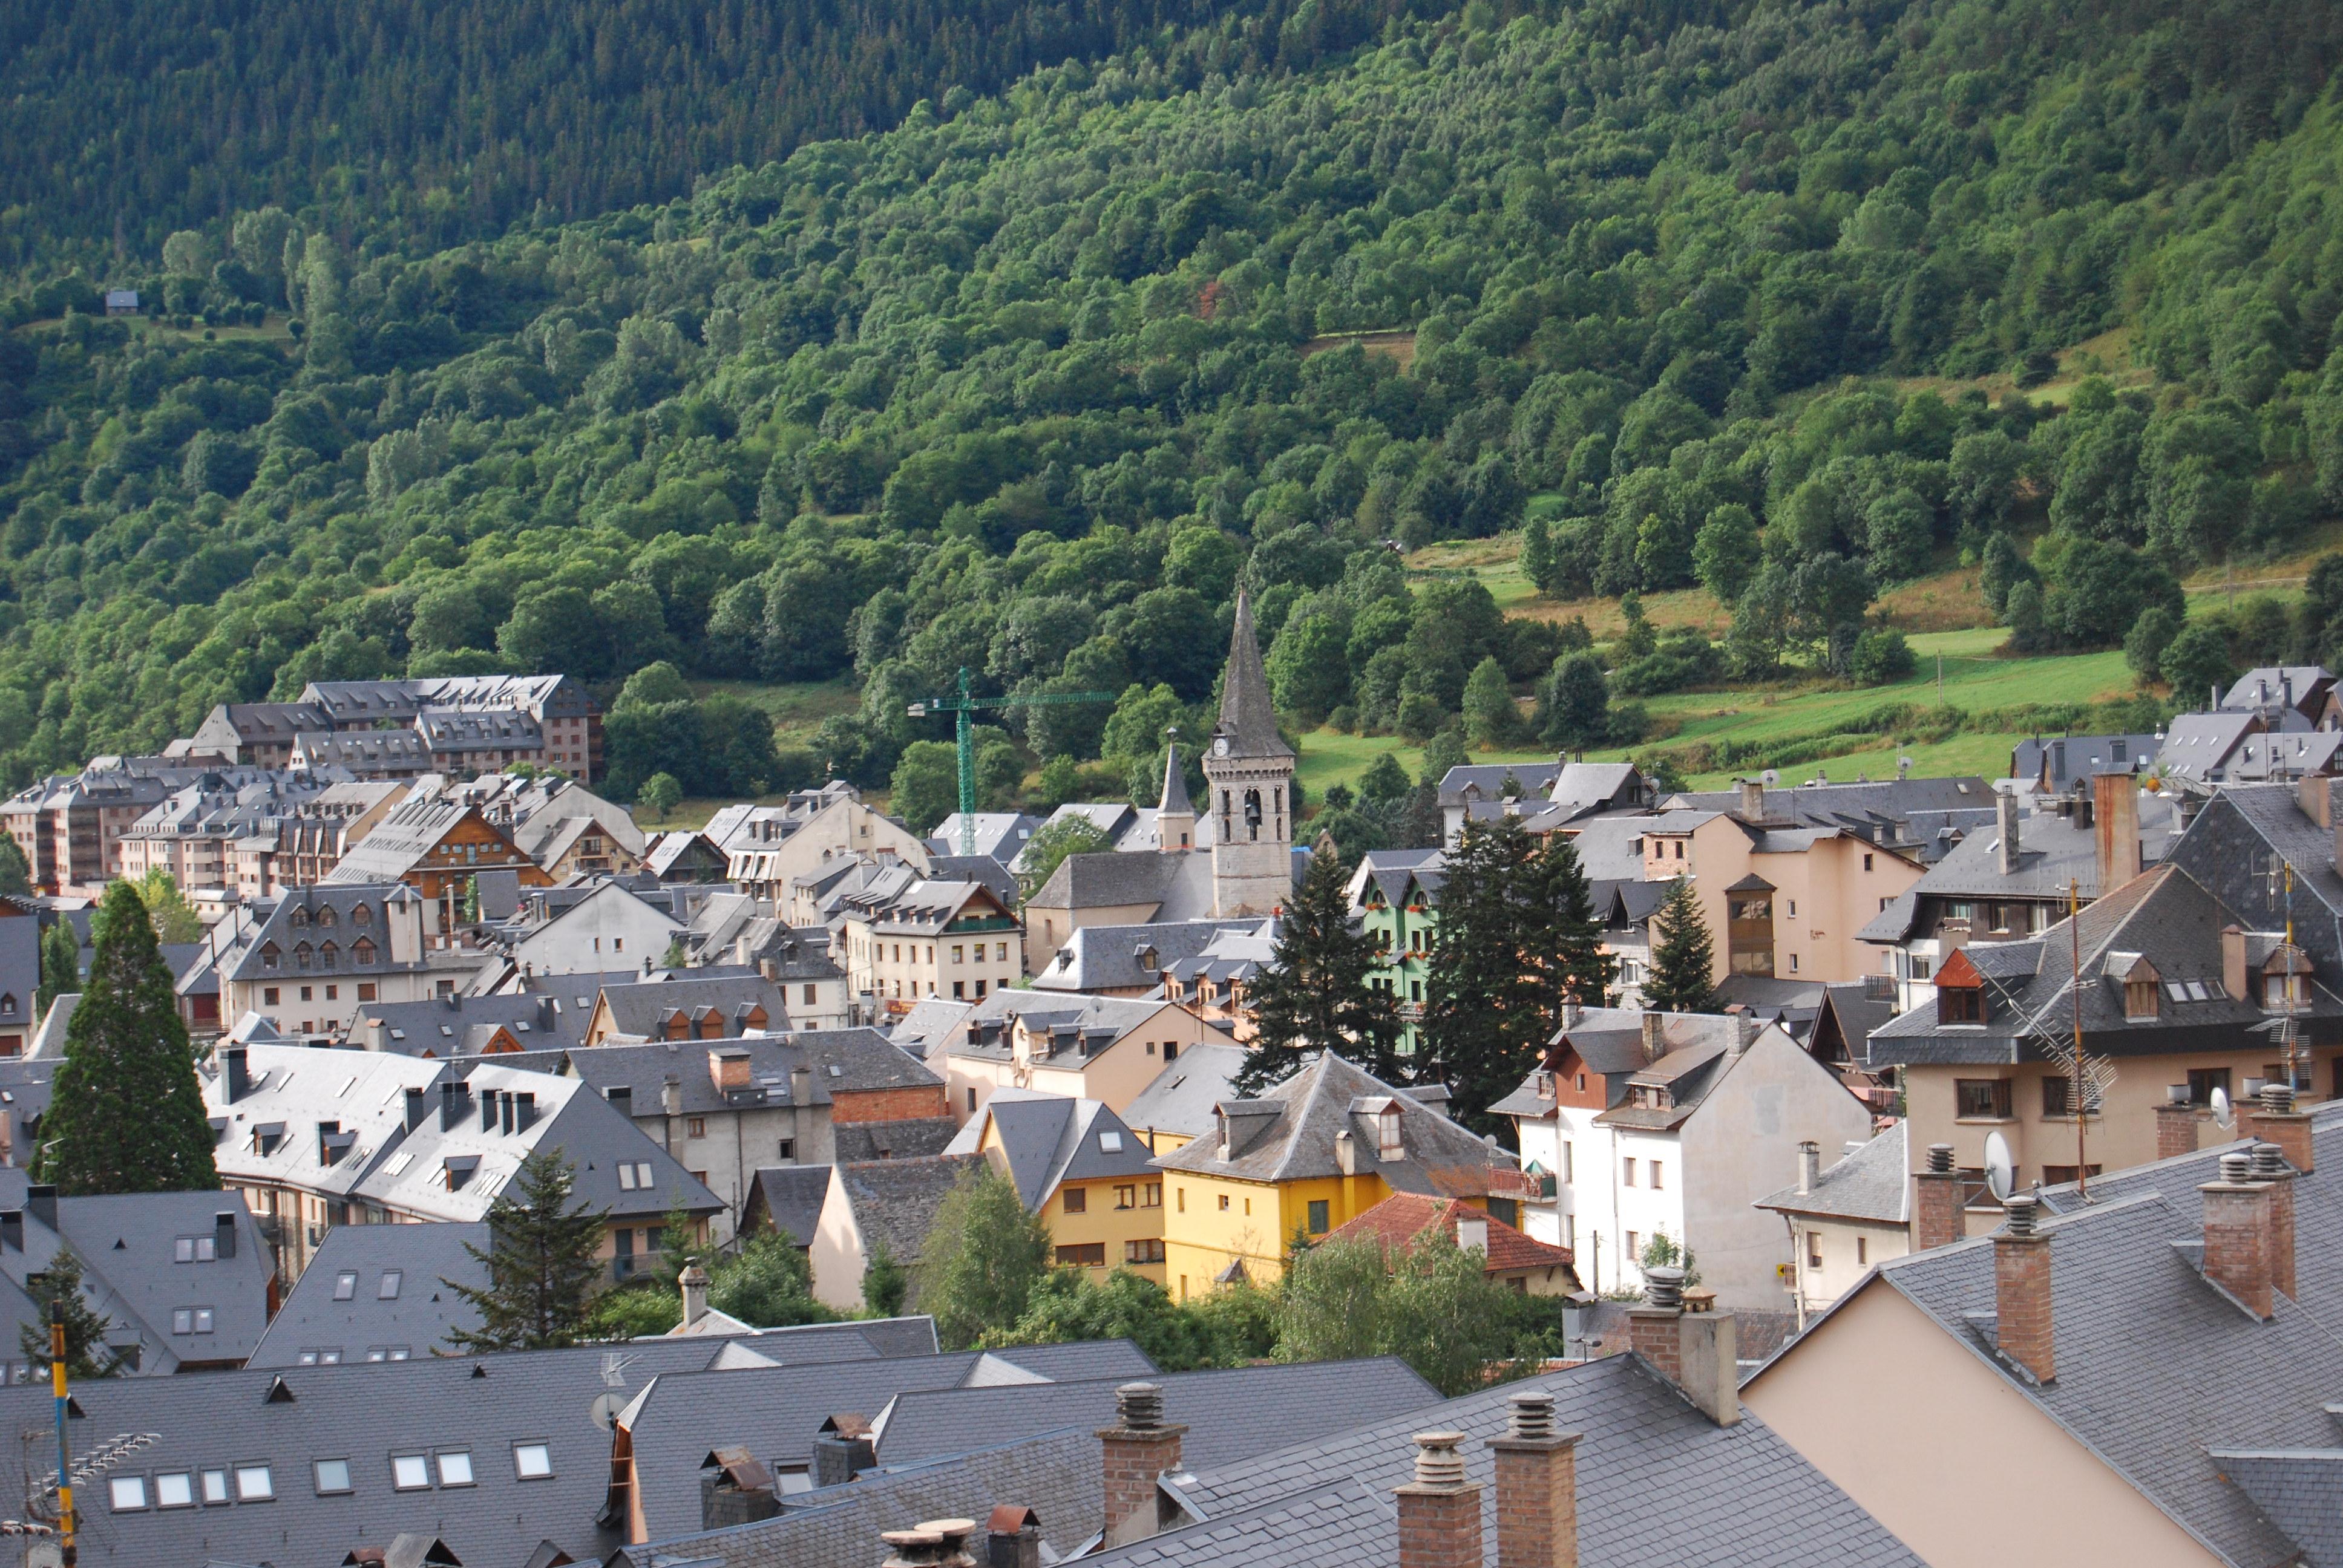 Vistas de viella en el valle de ar n fotos de otras - Inmobiliarias valle de aran ...